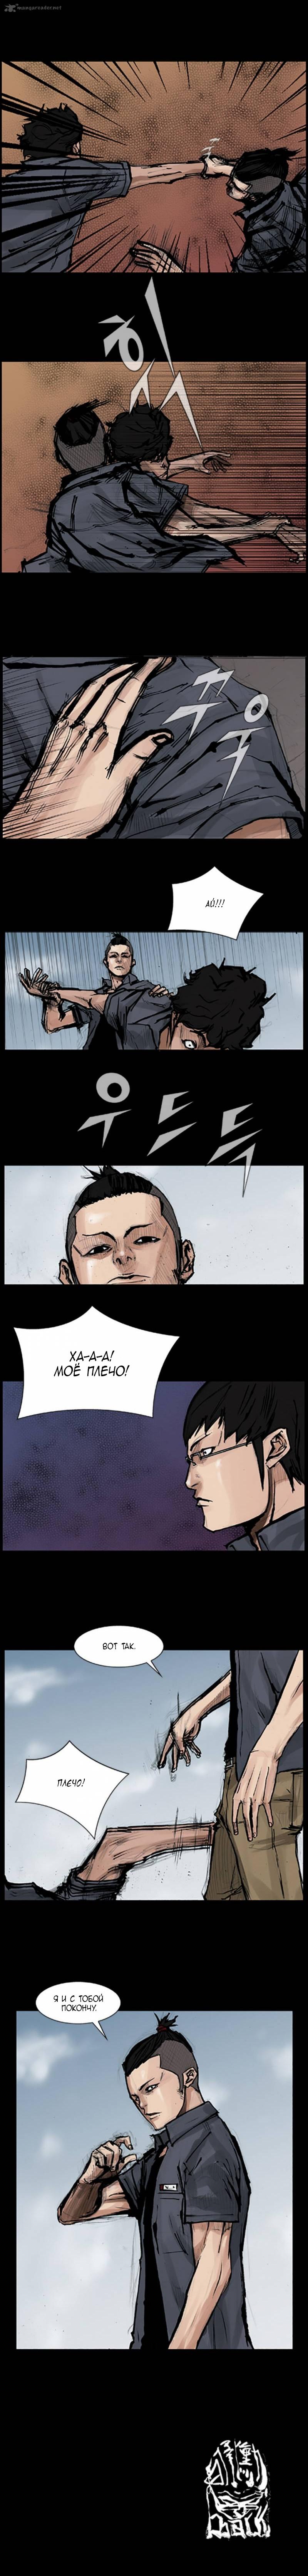 Манга Токко / Dokgo - Том 1 Глава 54 Страница 7